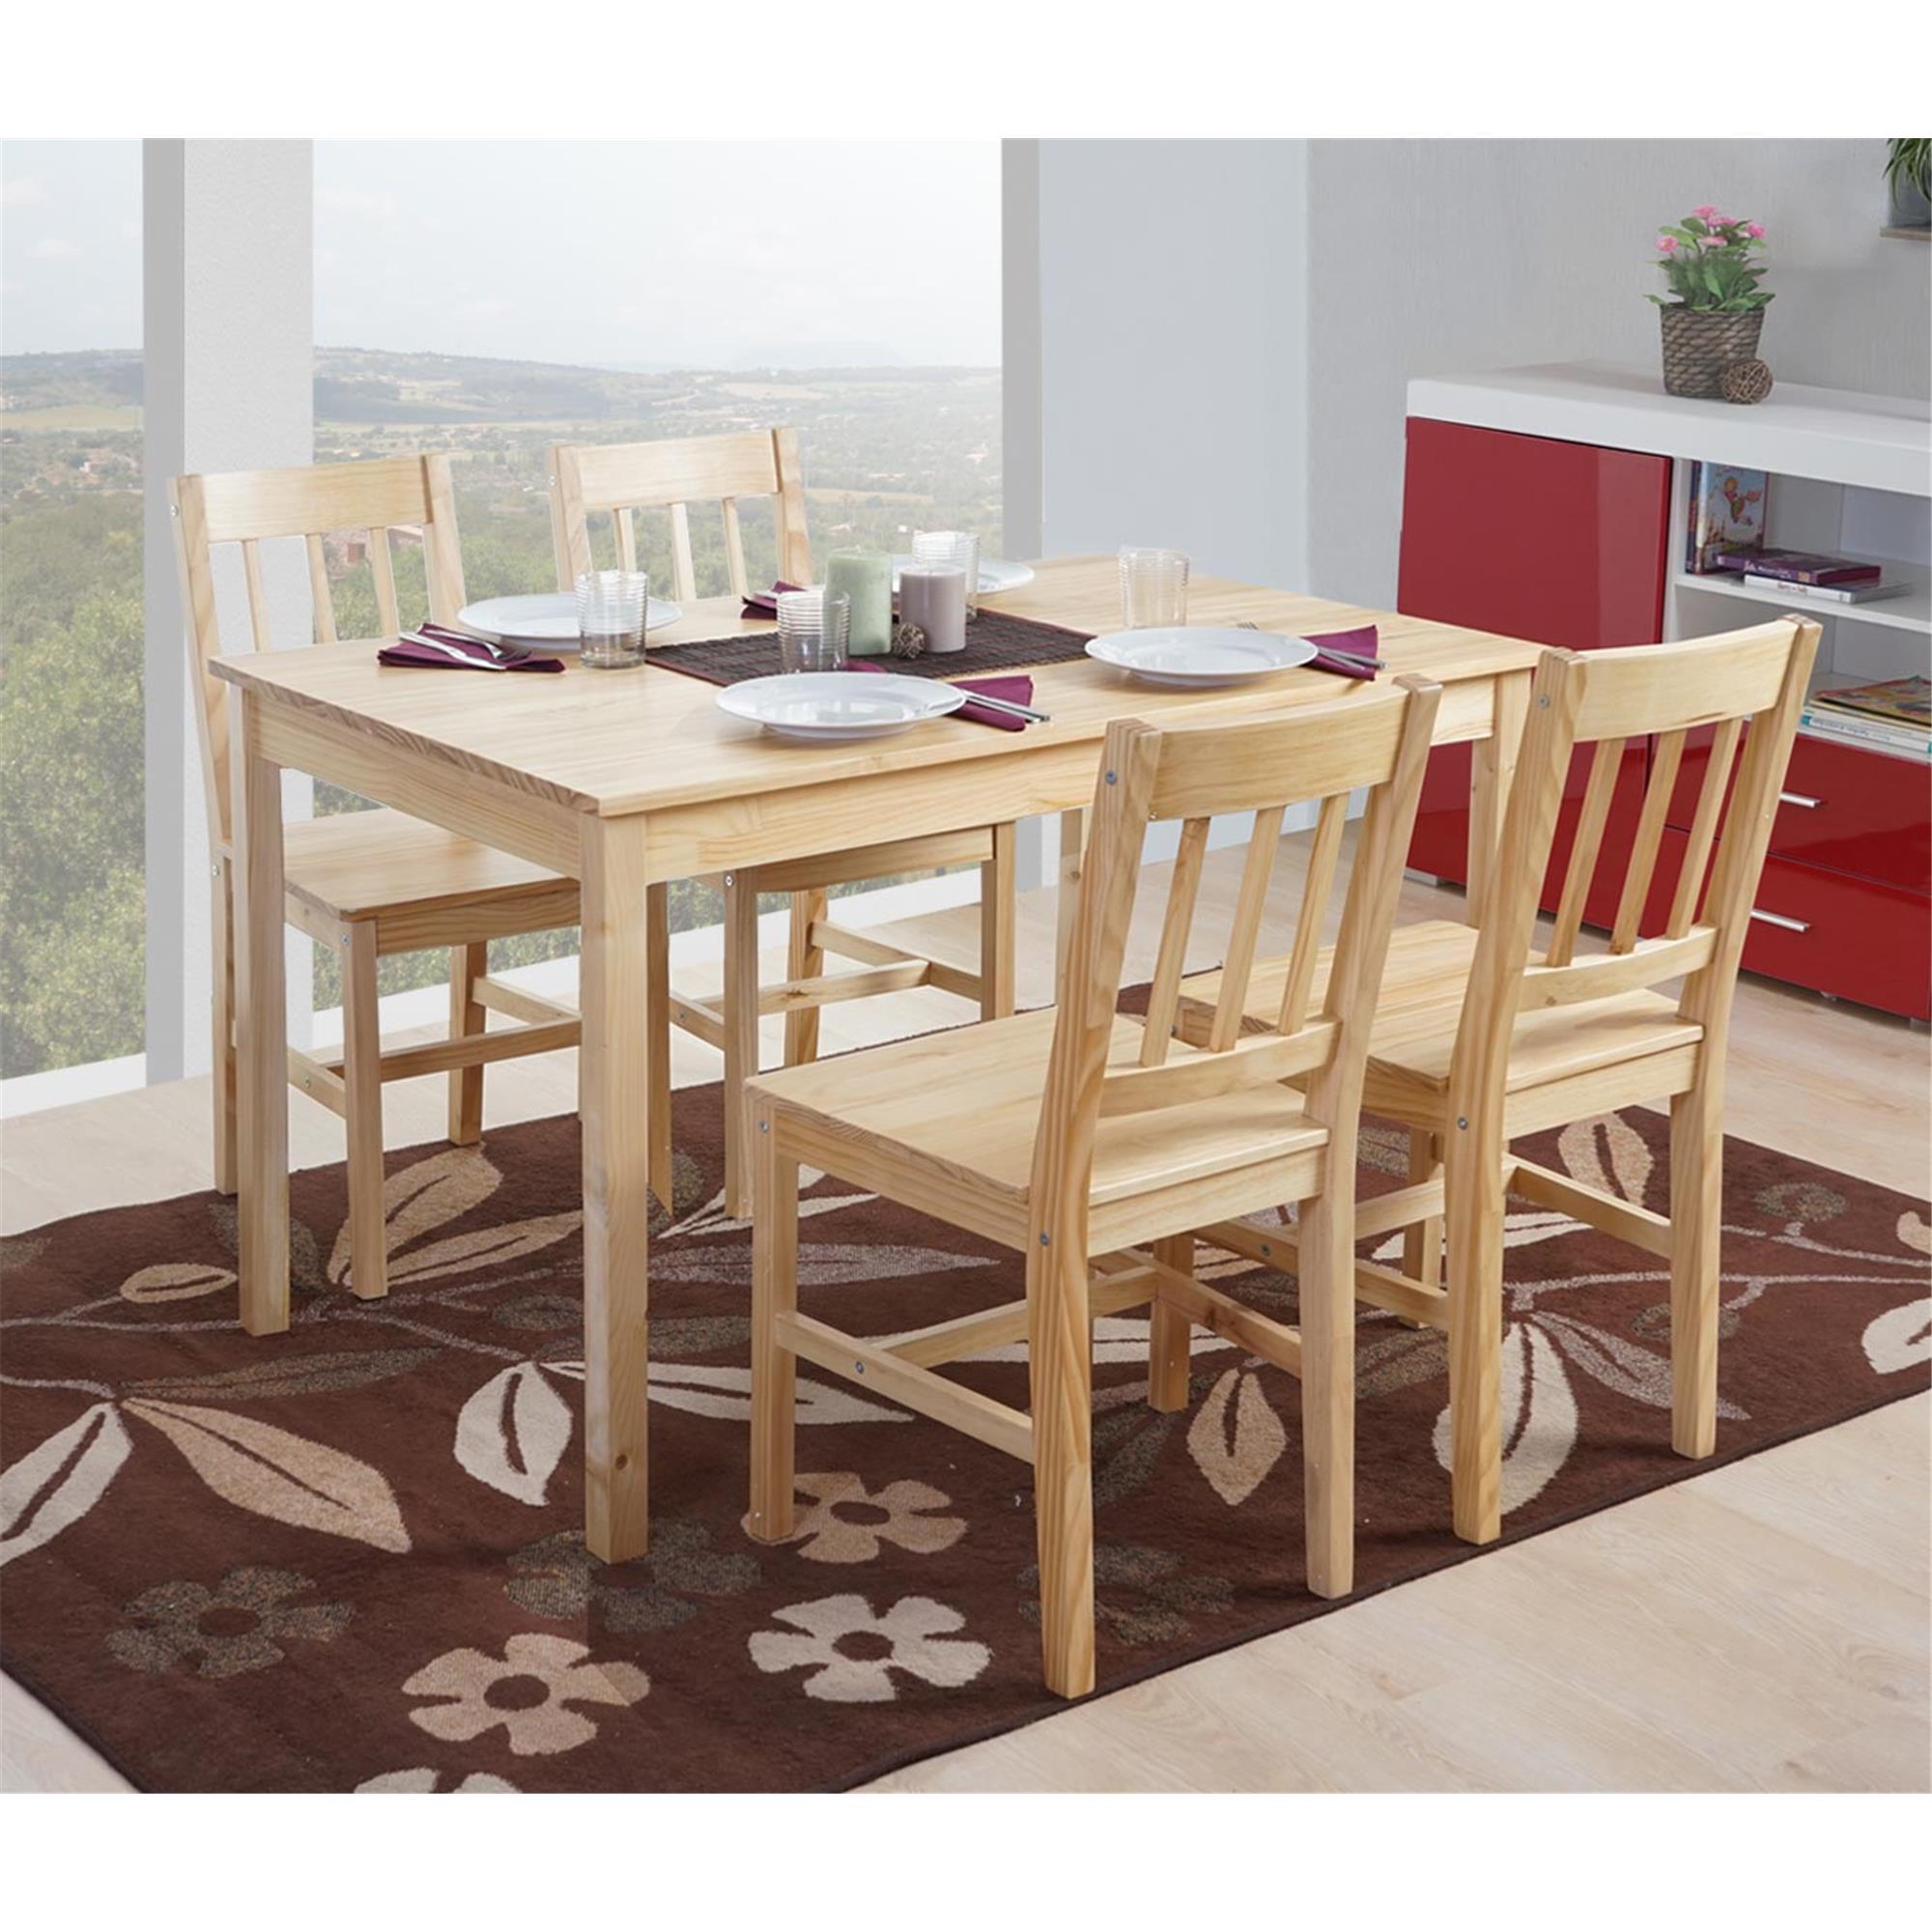 Conjunto Mesa + 4 Sillas de Cocina o Comedor NERJA , estructura de madera,  en color marrón haya